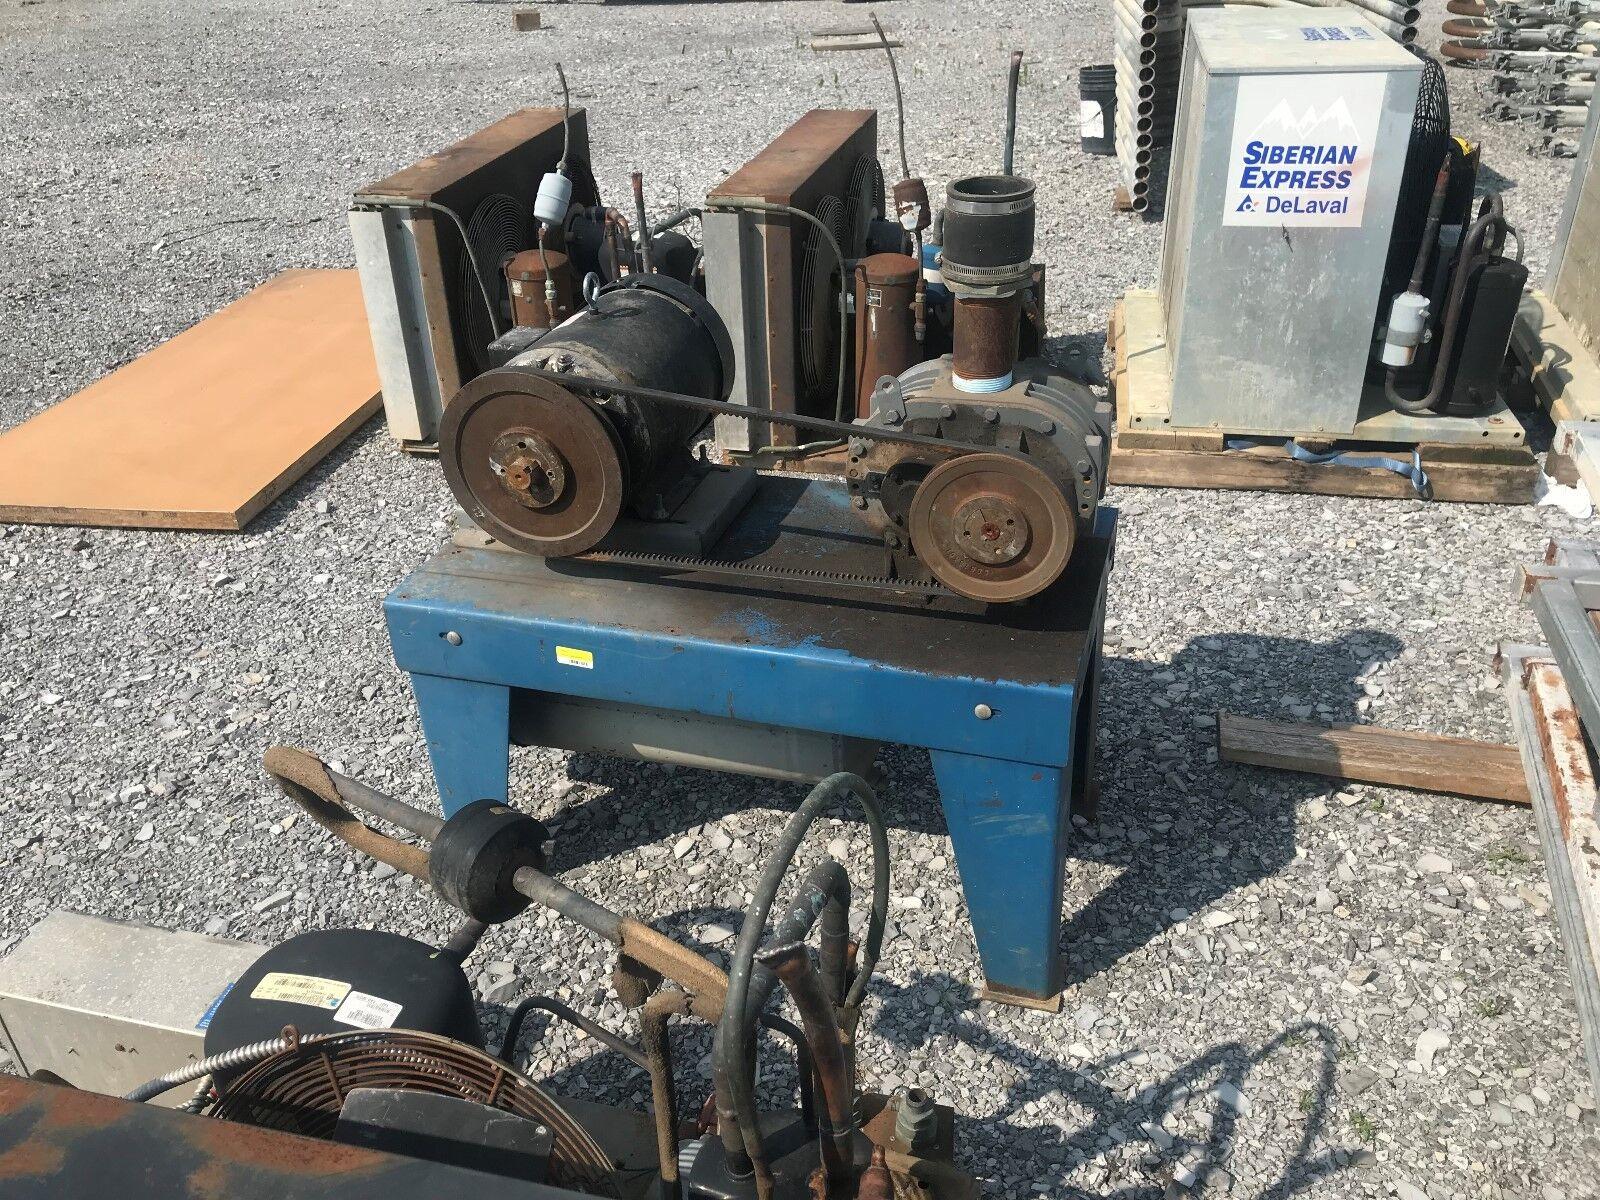 Delaval vacuum pump